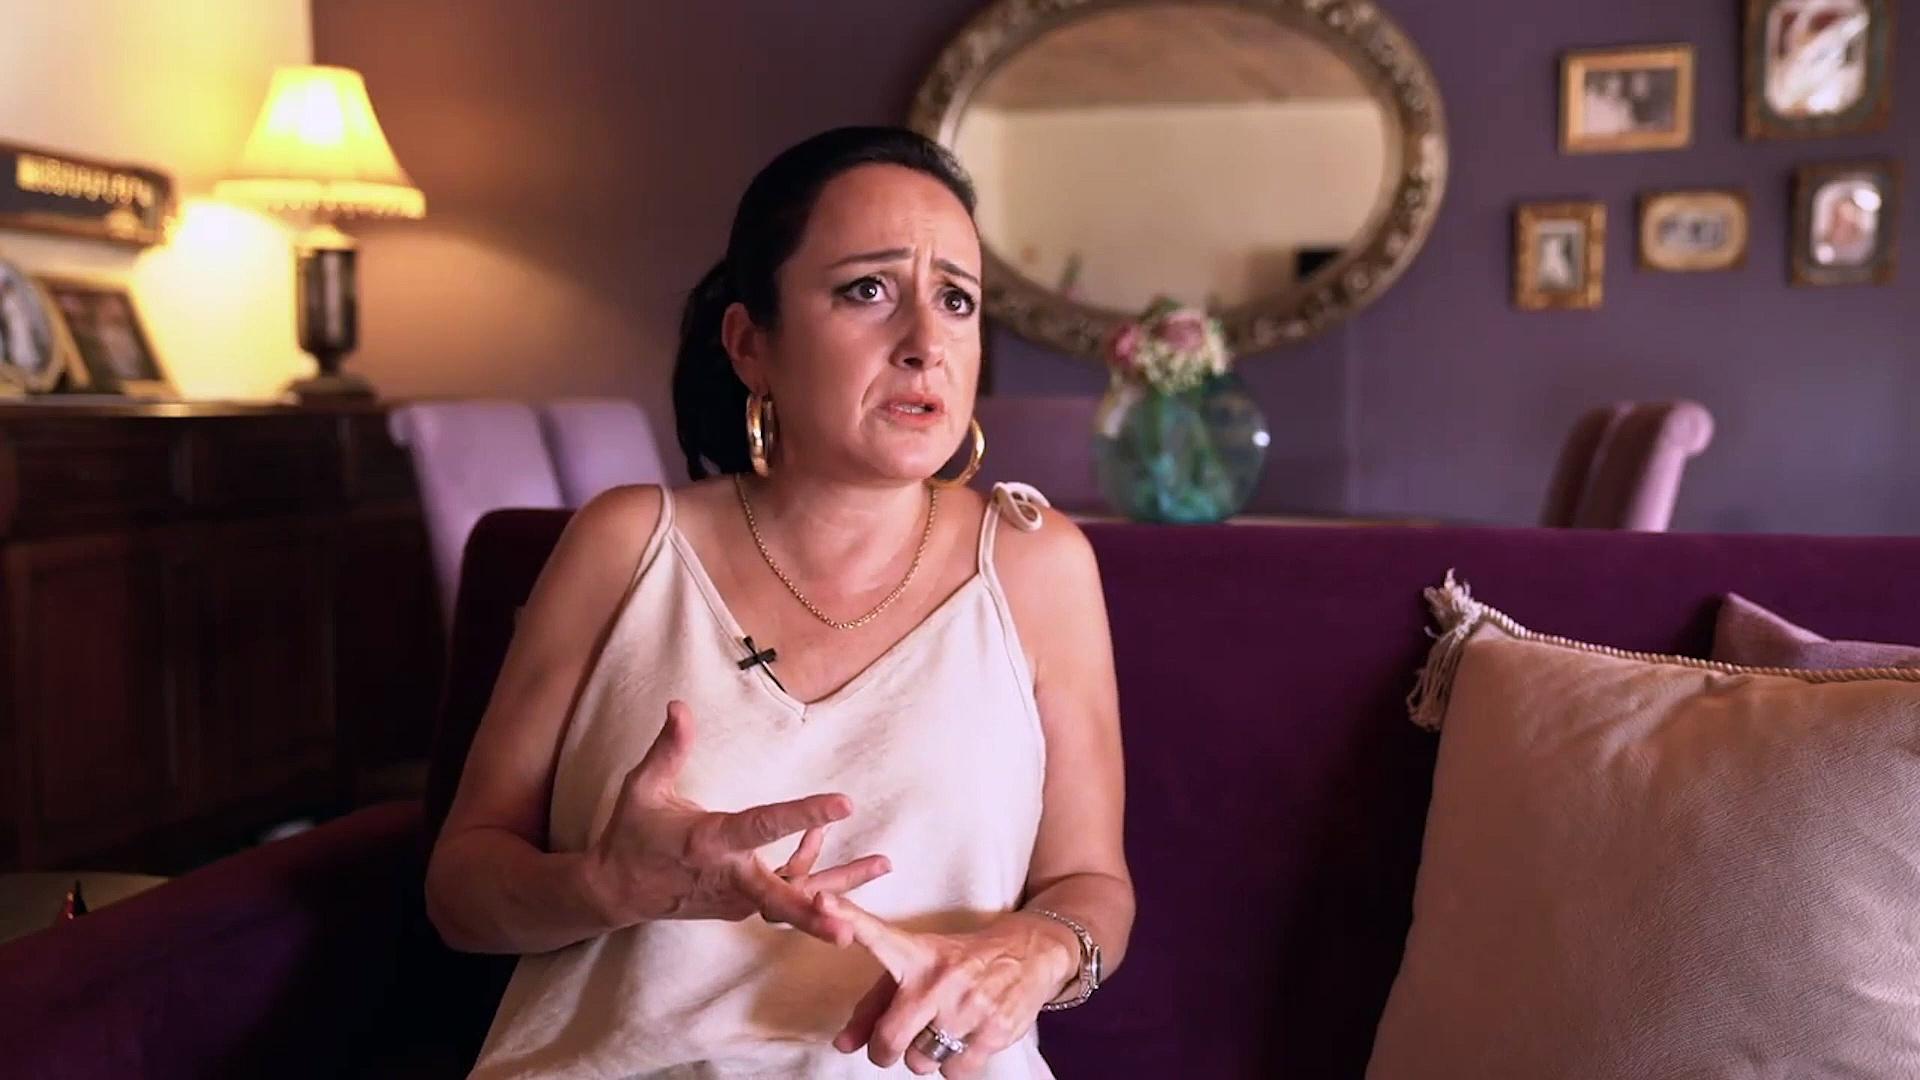 25 Kasım'da Türkiye'nin şiddet karnesi: ''14 yaşımda evlendirildim, çeyizimde oyuncaklarım vardı''